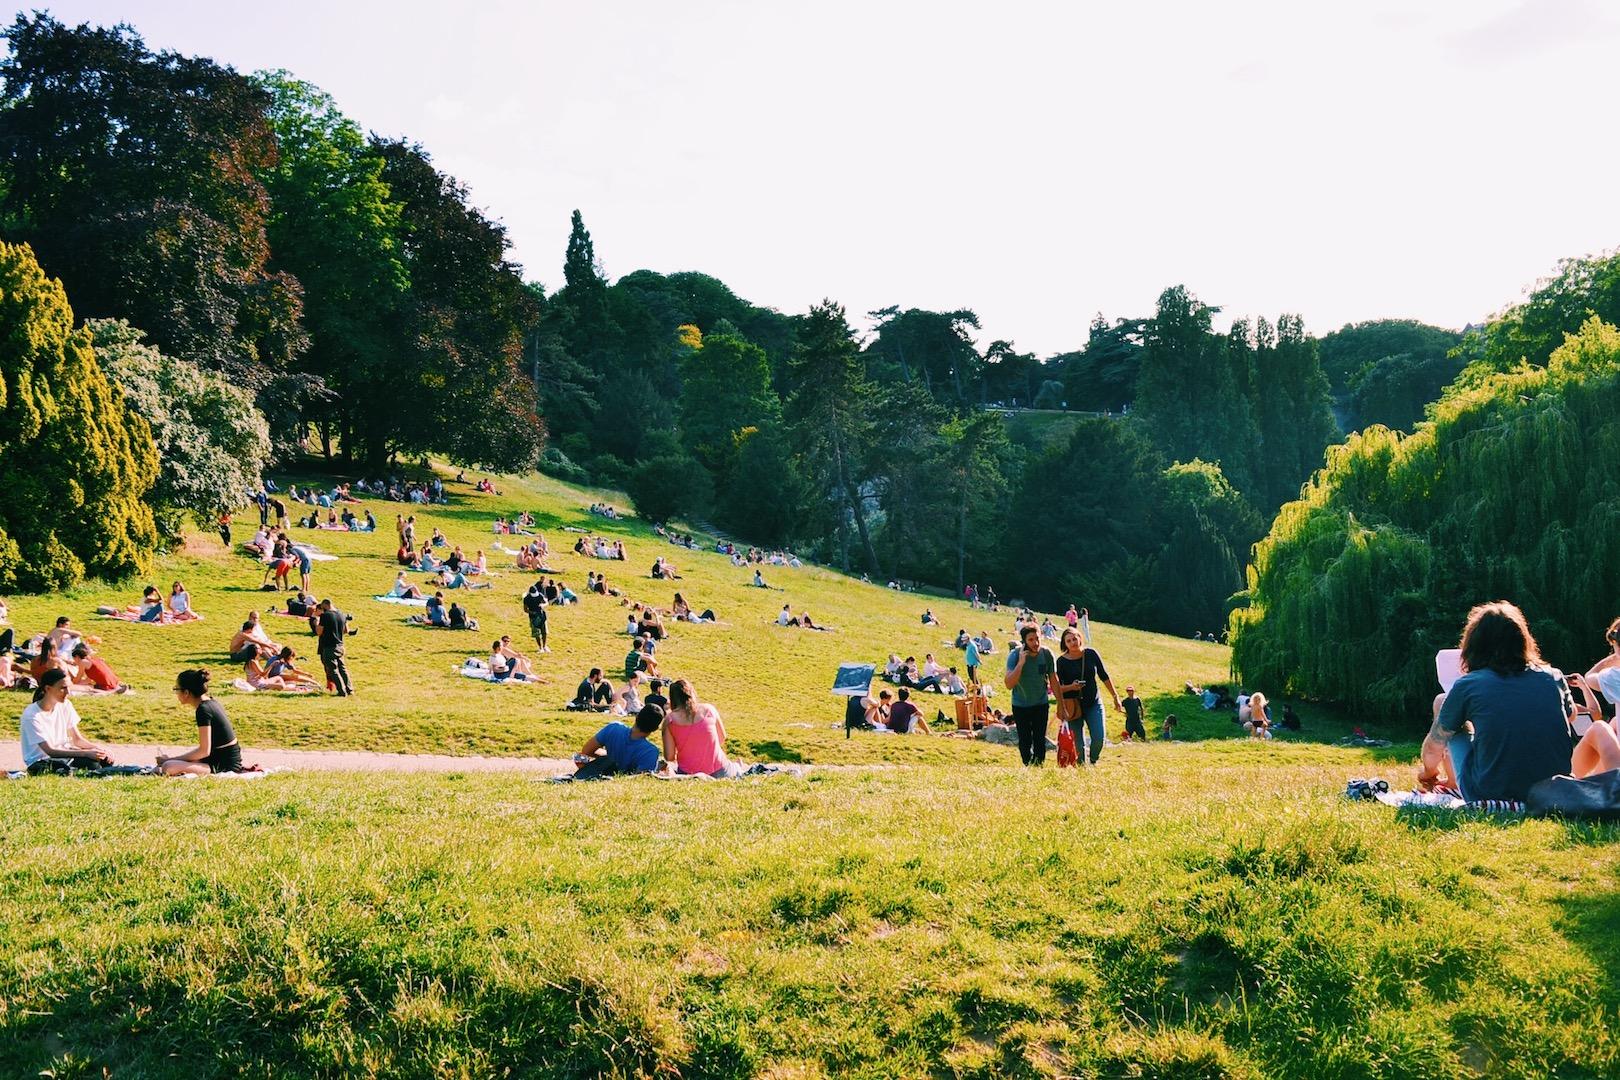 buttes-chaumont-parc.JPG